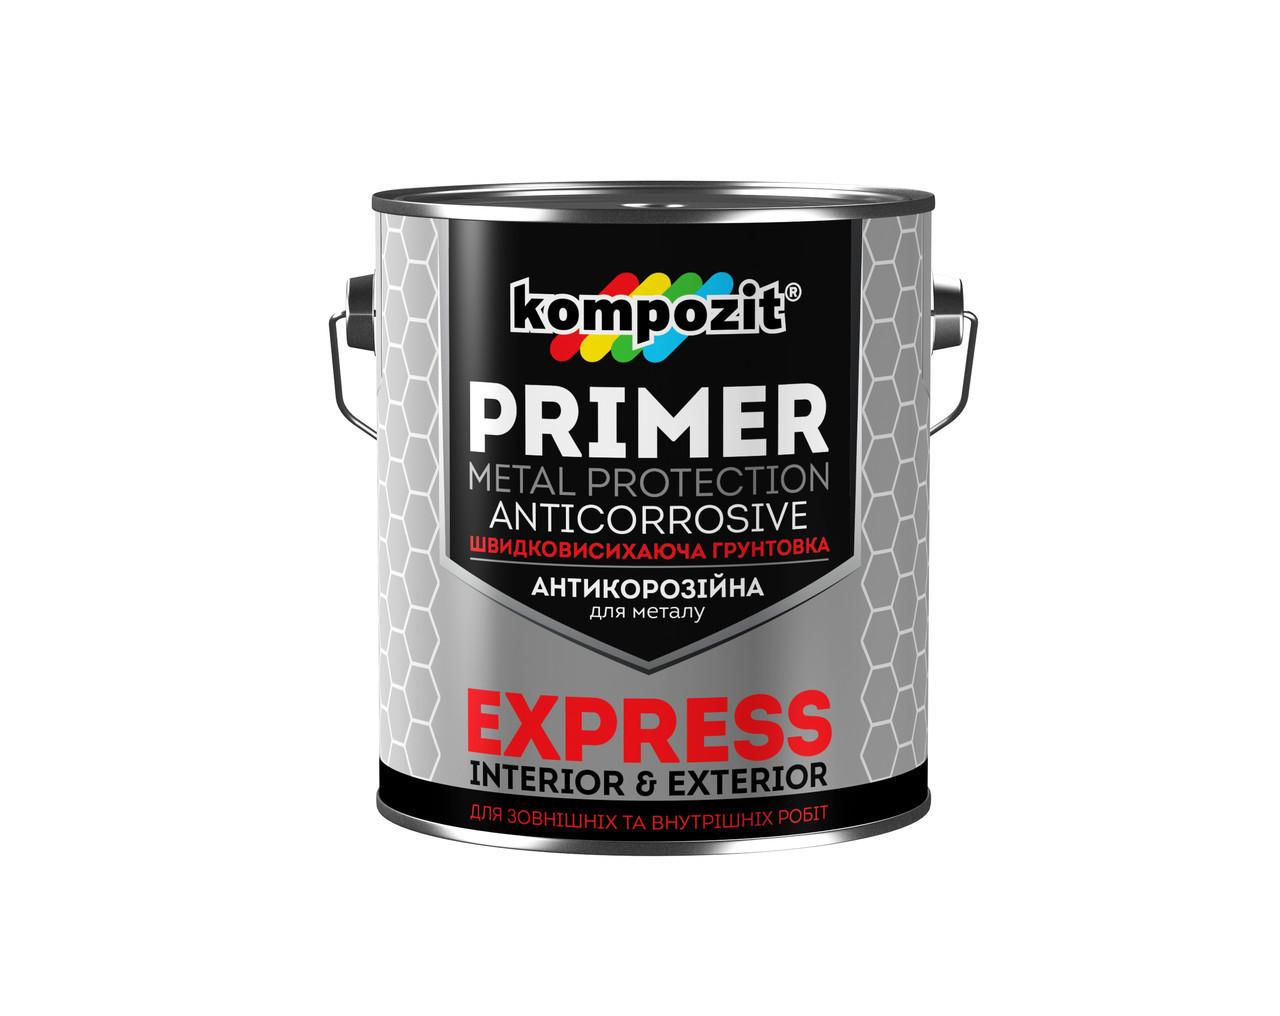 Грунтовка антикоррозионная Kompozit EXPRESS для металлических поверхностей (12 кг) светло-серая